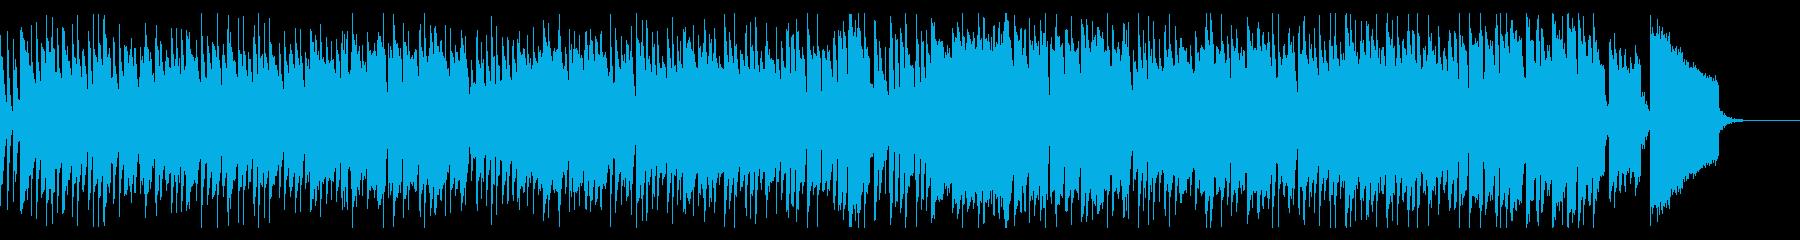 レトロなポップス【50年代洋楽風】の再生済みの波形